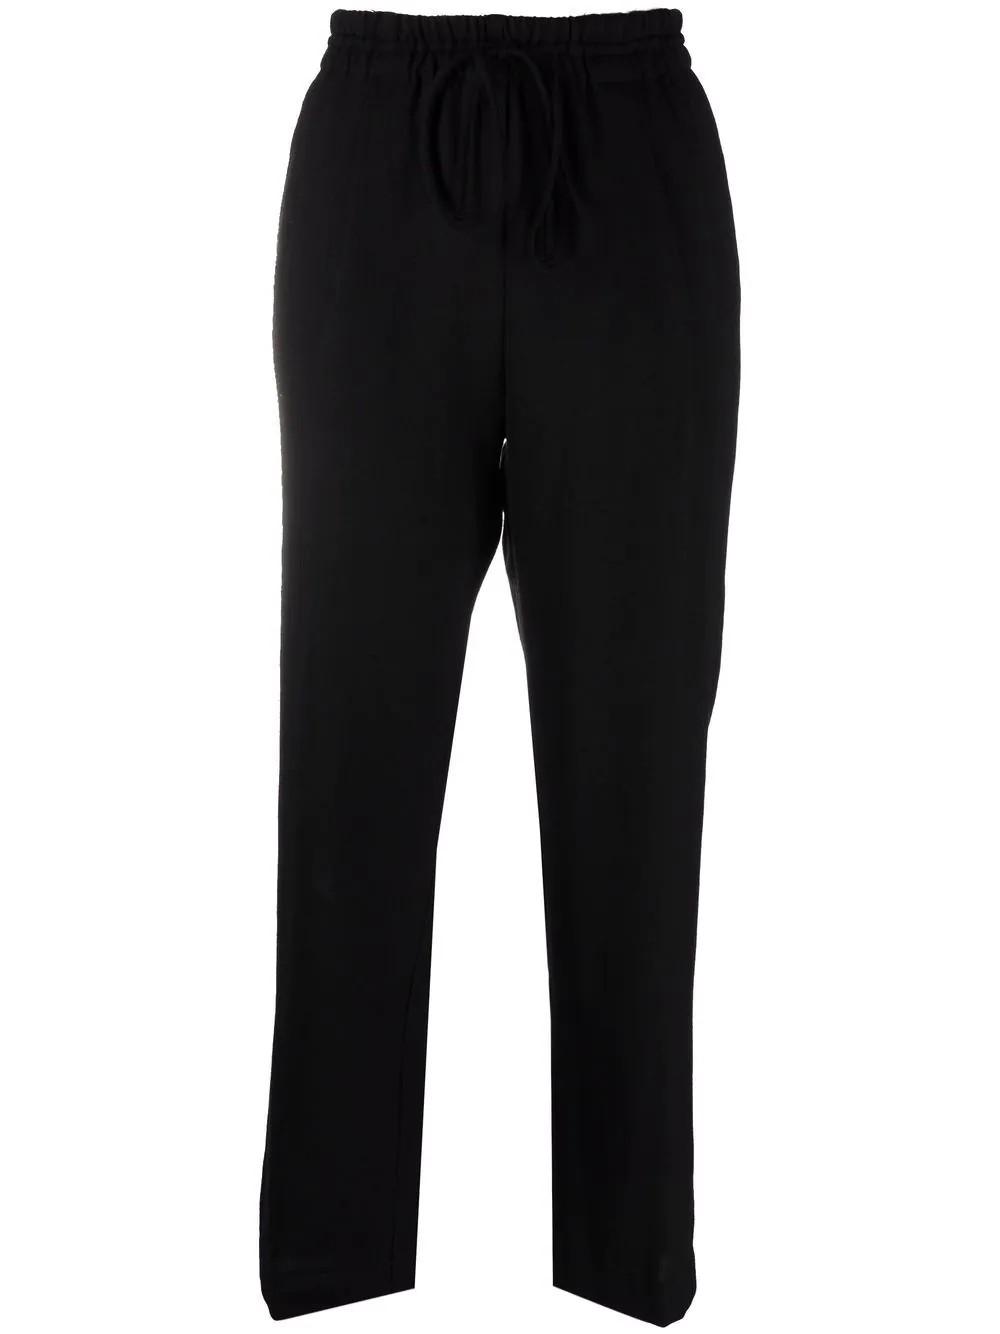 Pantalone elastico batavia